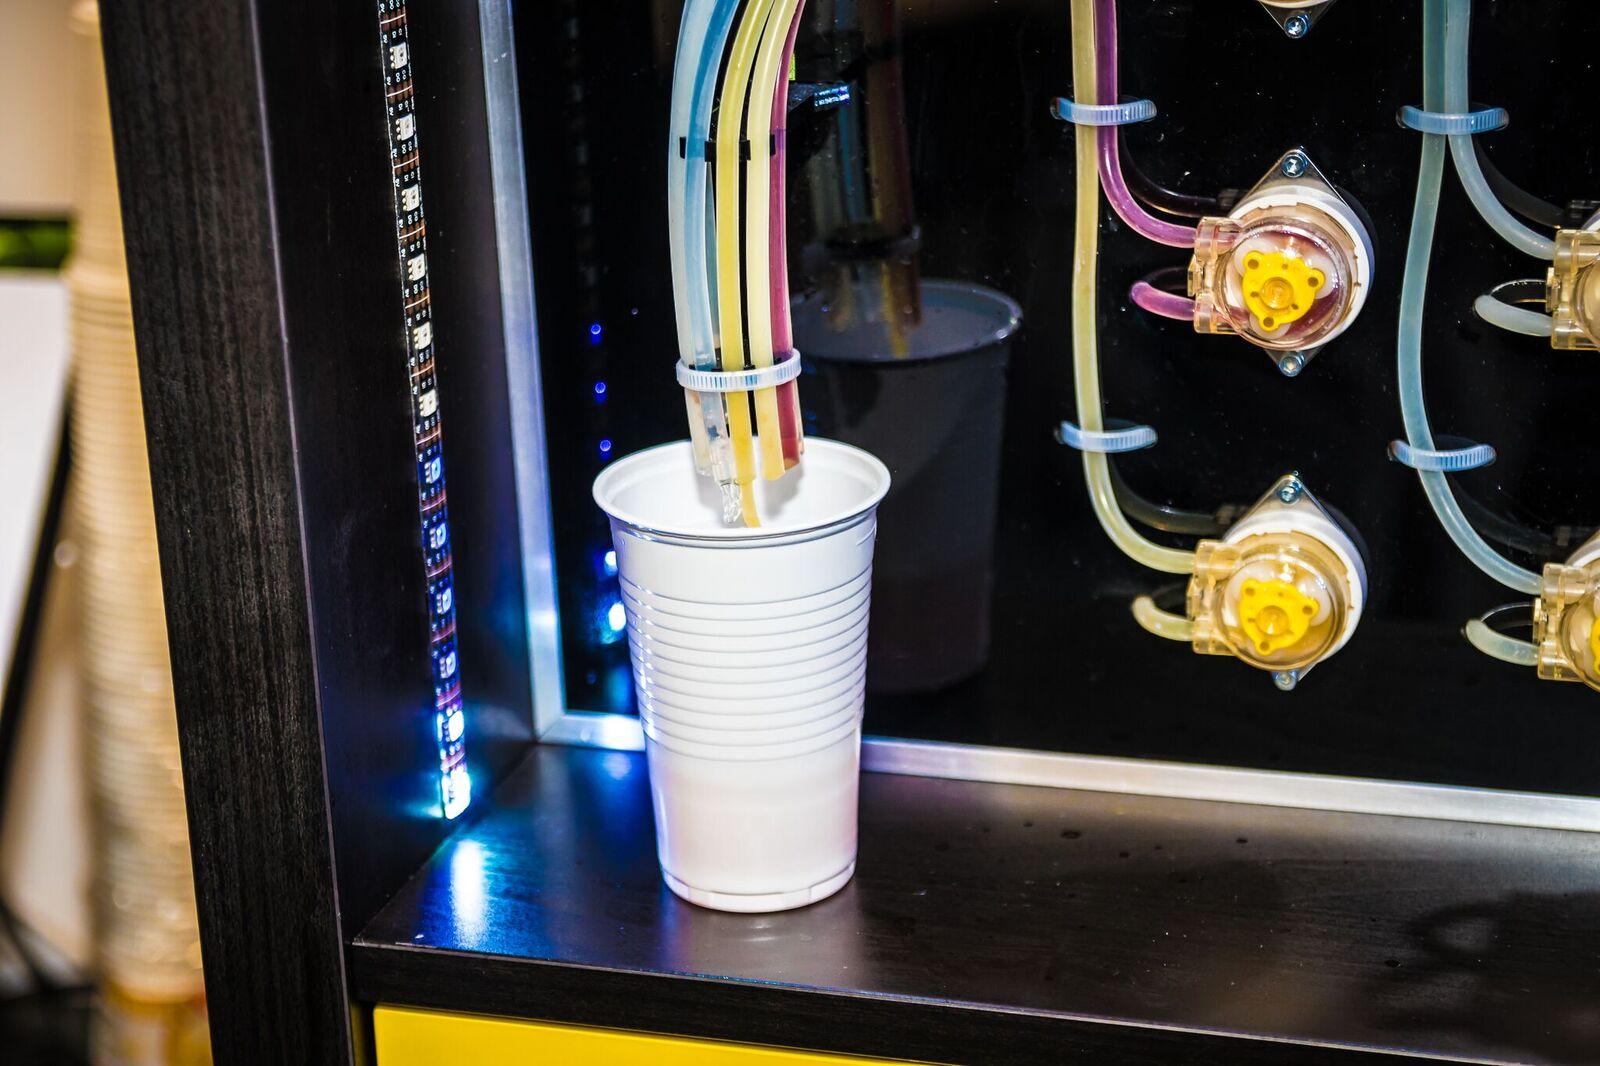 Getränkemixer symbolisiert App-Store für die Industrie 4.0 | IUNO ...